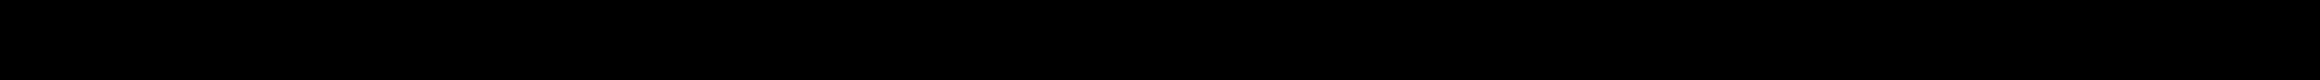 BOSCH BOC1093002059, 3707010-02, 17 01 2600F3004, 19 01 0600F6001, 3707010-01 Bujía de encendido